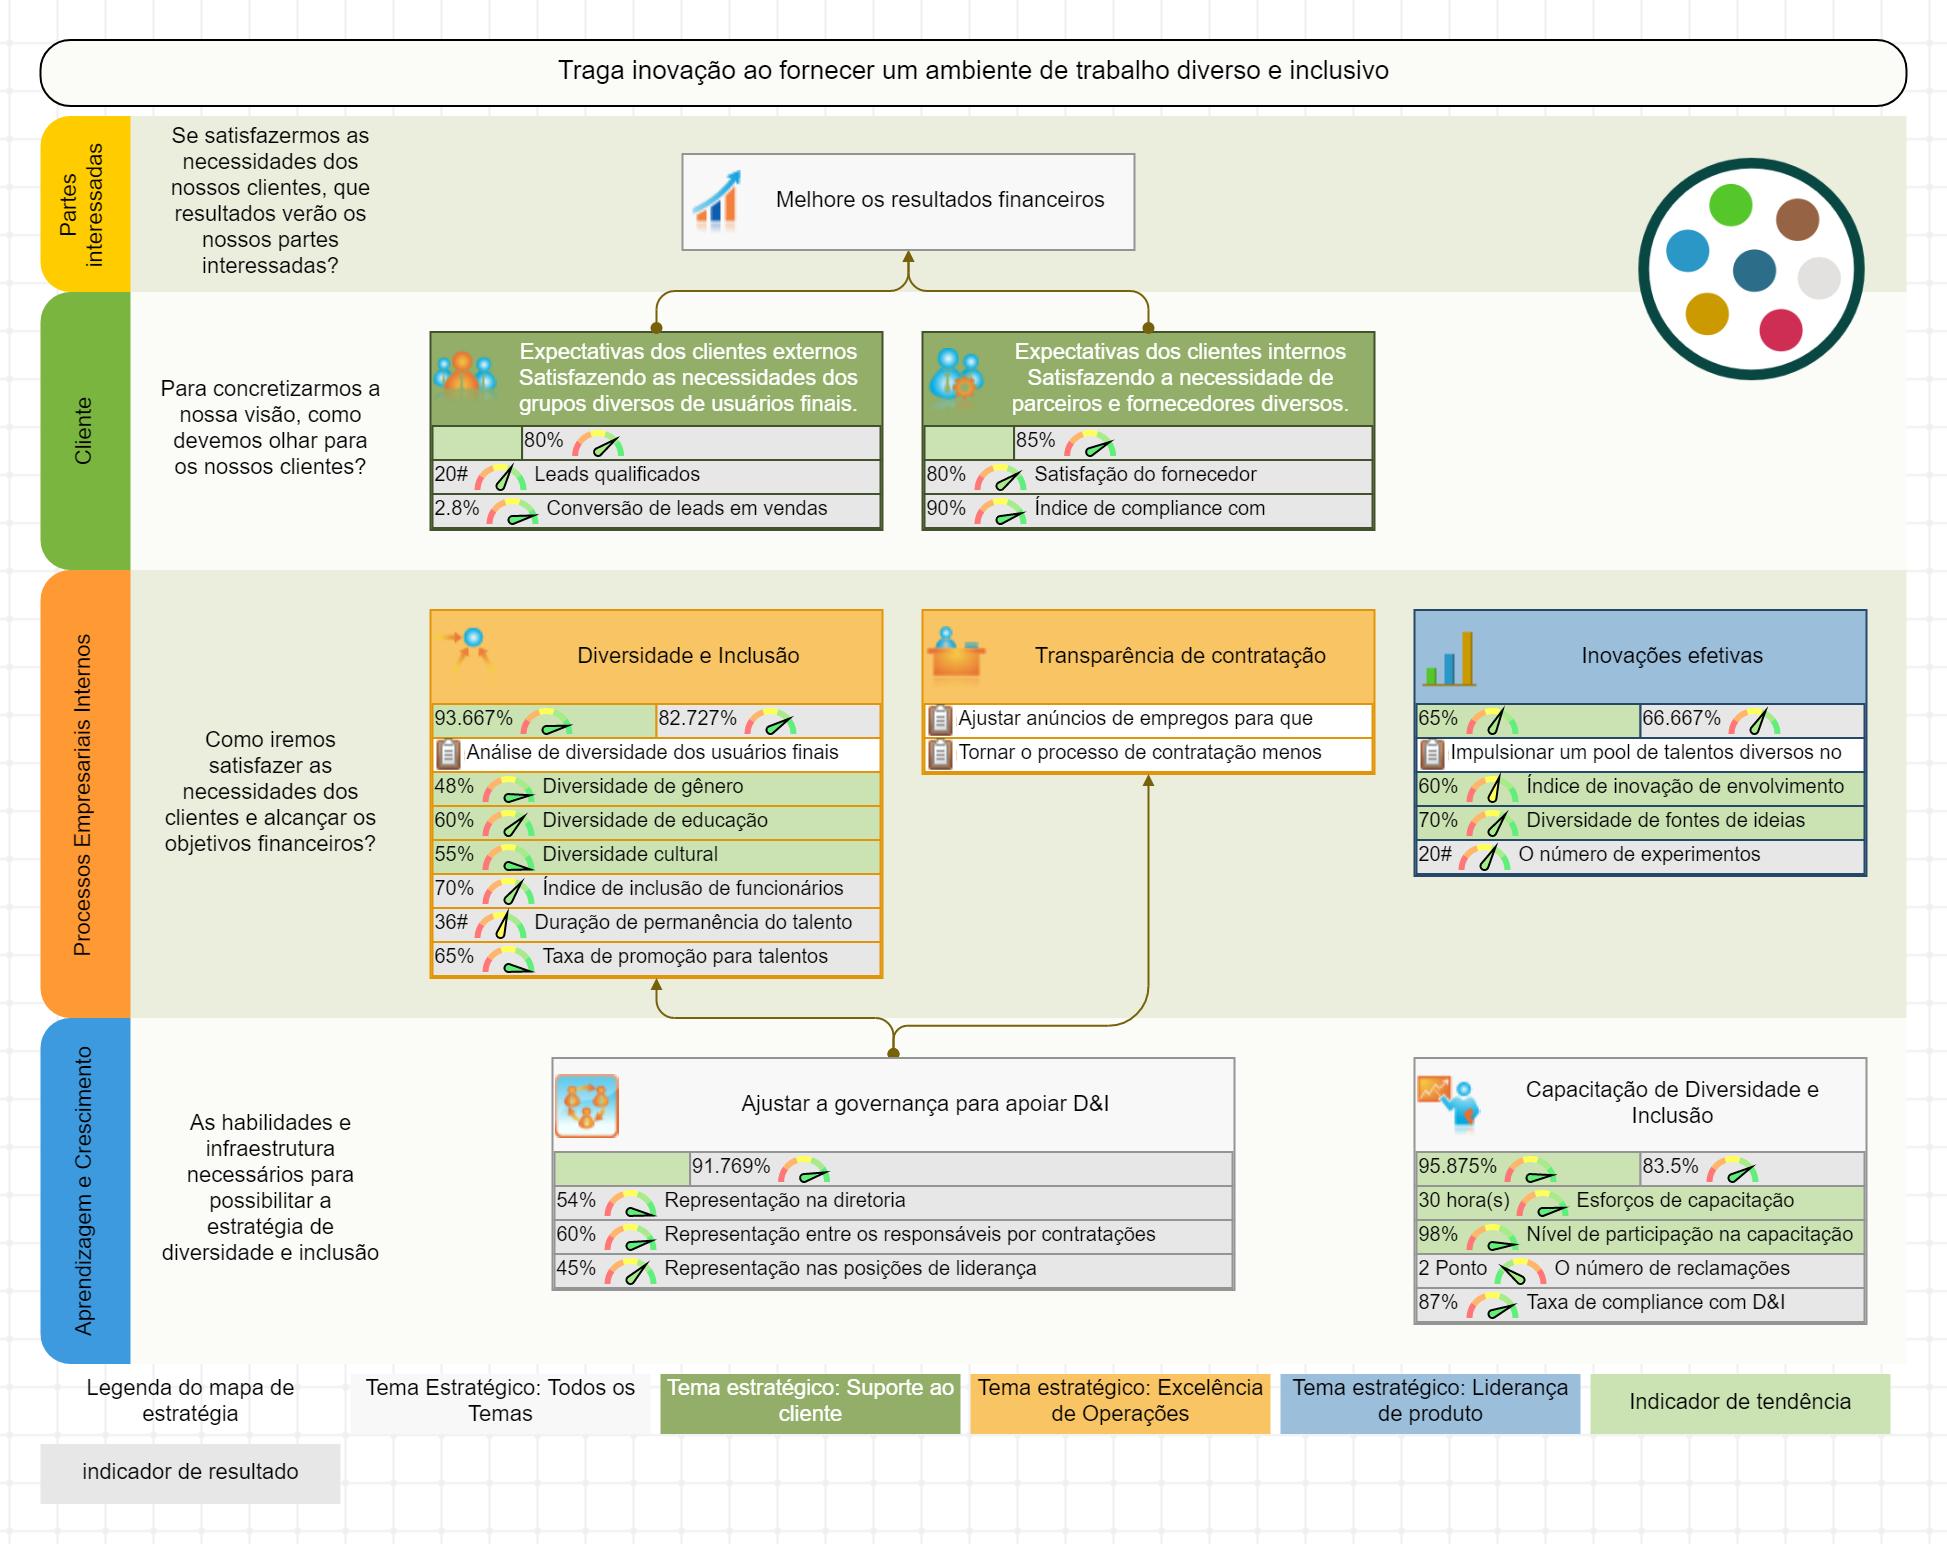 Mapa estratégico para diversidade e inclusão